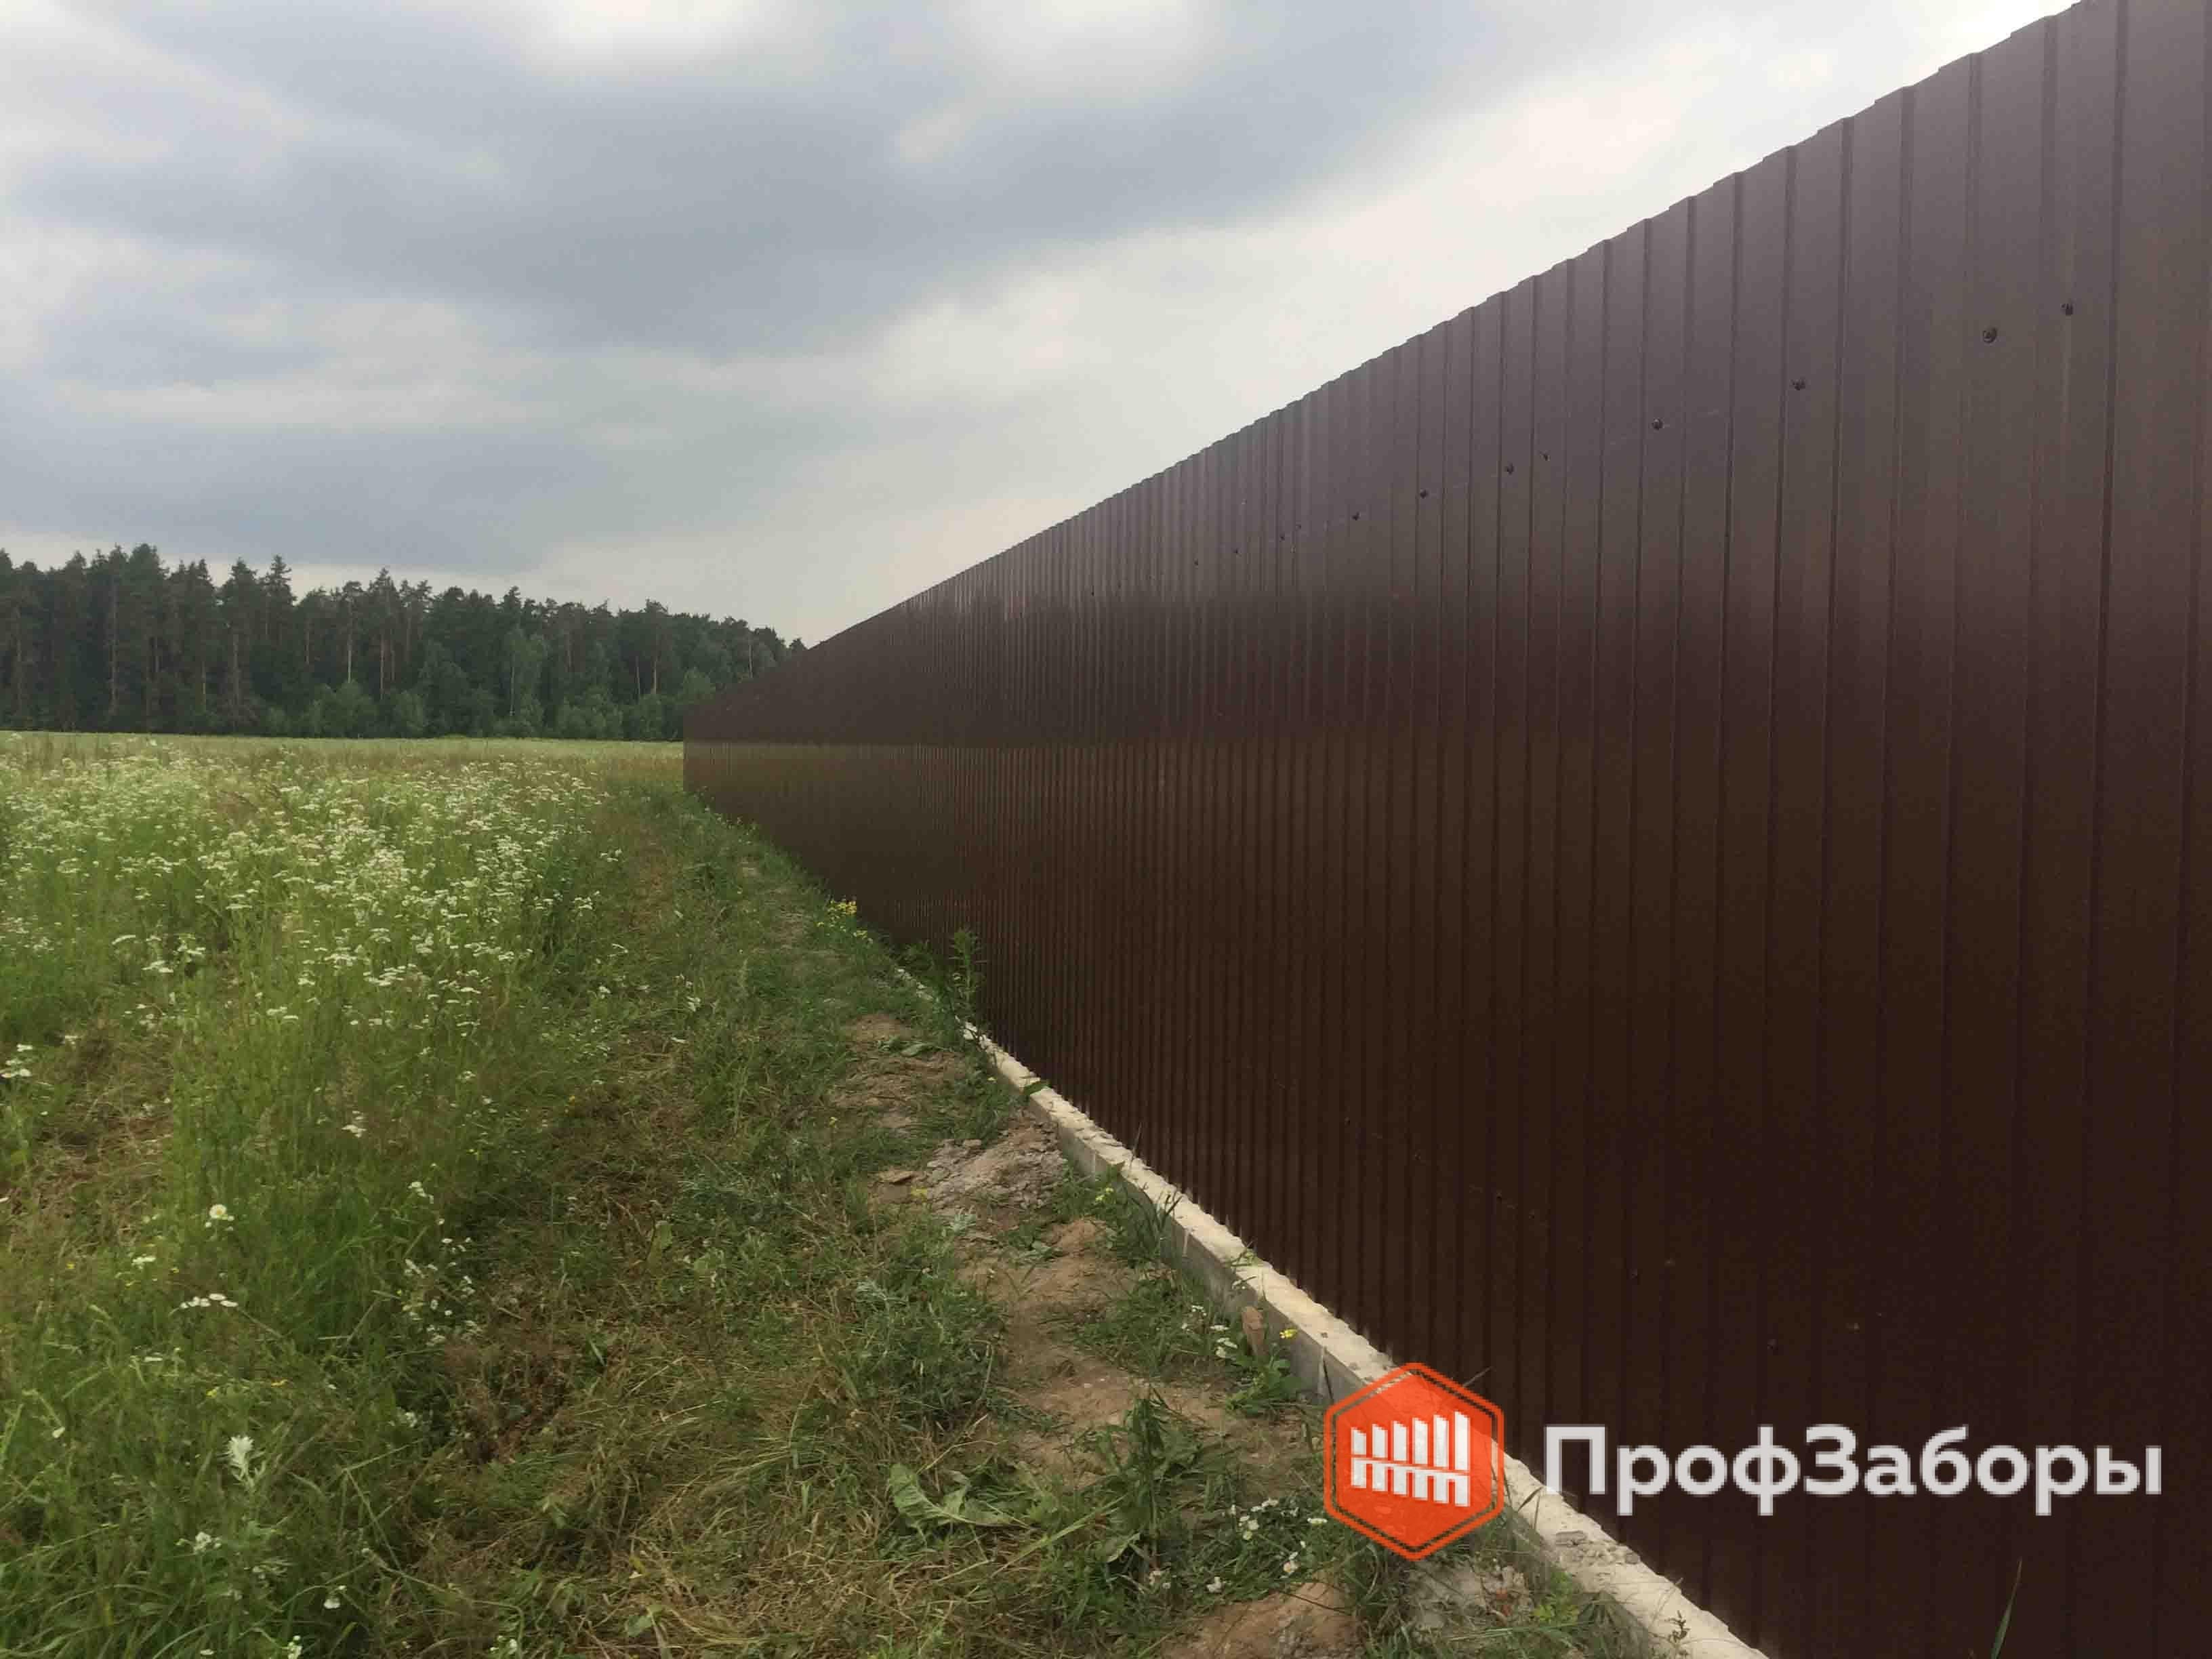 Заборы Из профнастила  - Ивановская область. Фото 4